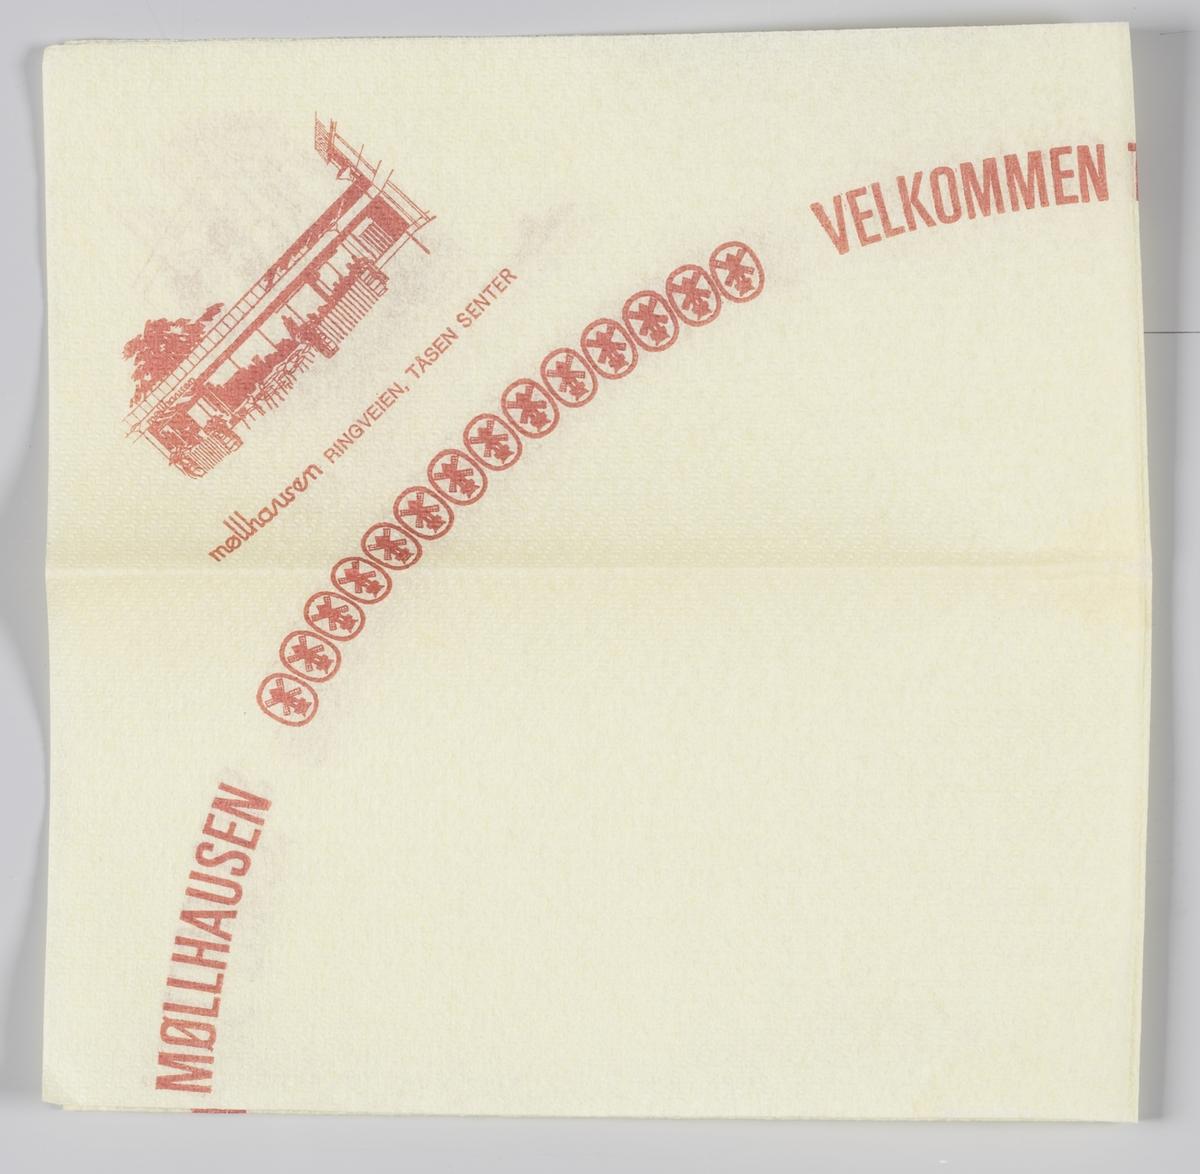 Bygninger med spisesteder og reklametekst for Møllhausen i Bogstadveien, Ruseløkkveien, Tåsen senter og Dronningensgate i Moss.  Samme reklametekst på MIA.00007-004-0238.